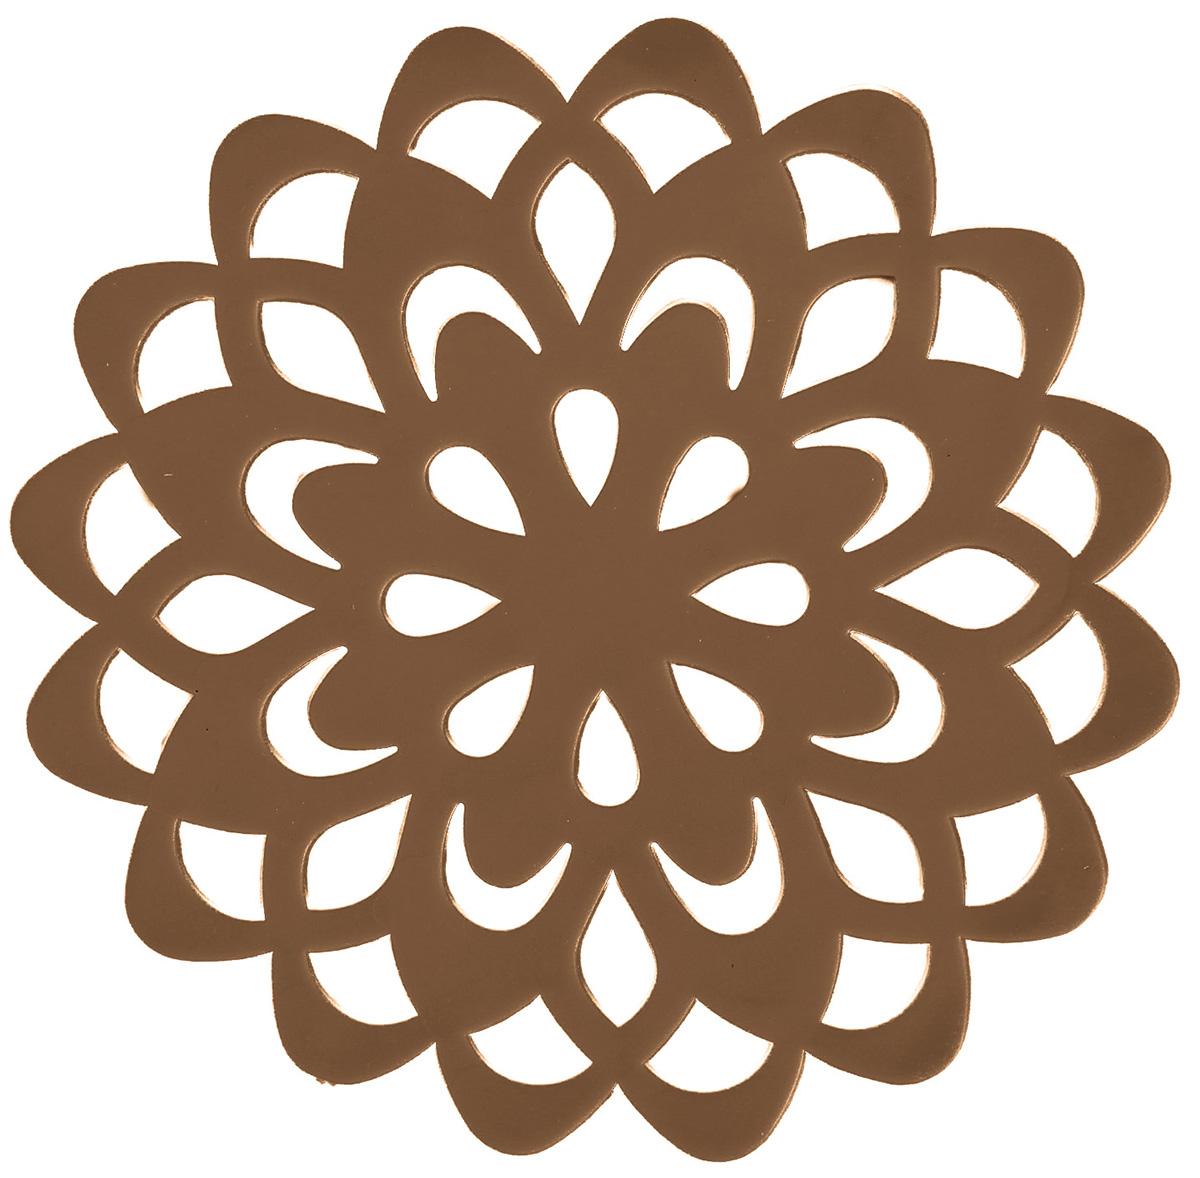 Набор подставок под горячее Доляна Воспоминание, цвет: коричневый, диаметр 10 см, 4 шт1153293_коричневыйНабор Доляна Воспоминание состоит из 4 силиконовых подставок под горячее. Силиконовая подставка под горячее - практичный предмет, который обязательно пригодится в хозяйстве. Изделие поможет сберечь столы, тумбы, скатерти и клеёнки от повреждения нагретыми сковородами, кастрюлями, чайниками и тарелками.